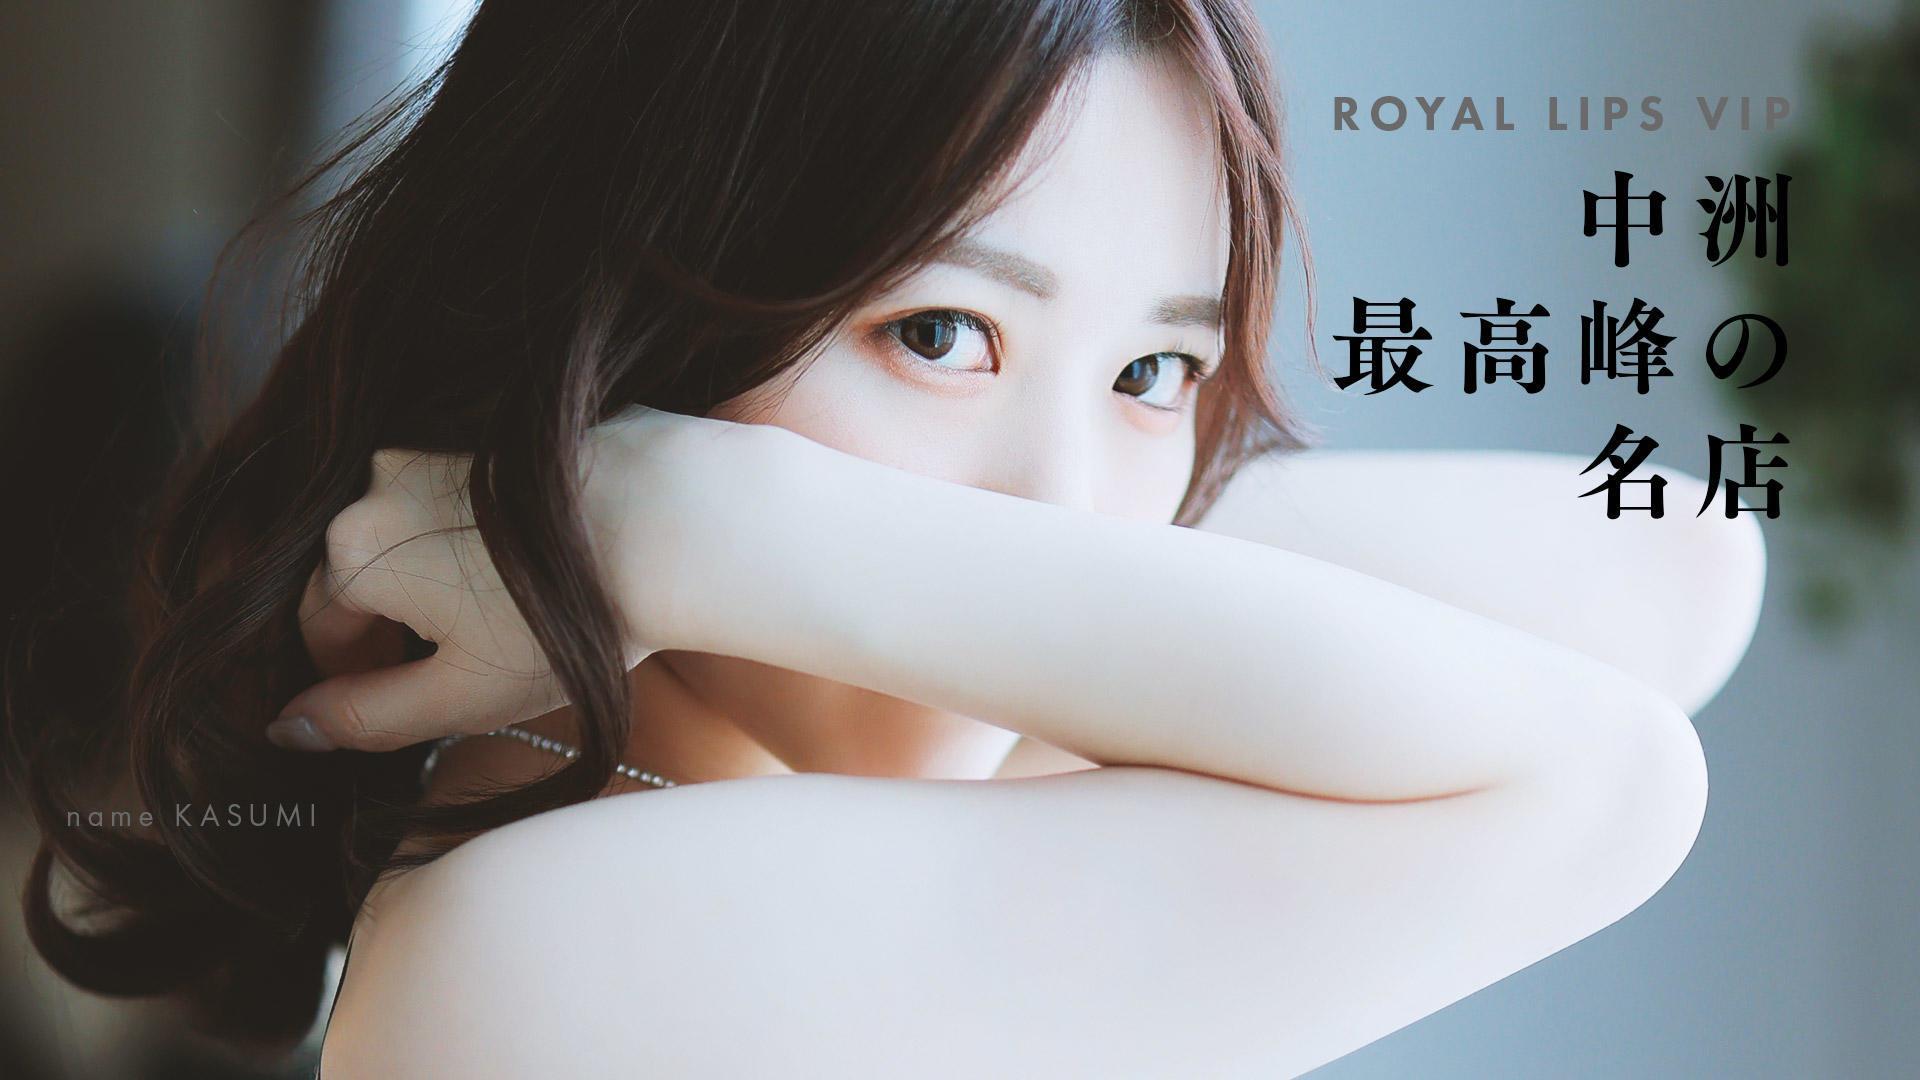 中洲風俗 トクヨク・ヘルス【ロイヤルリップスVIP - Royal Lips VIP -】中洲最高峰の名店